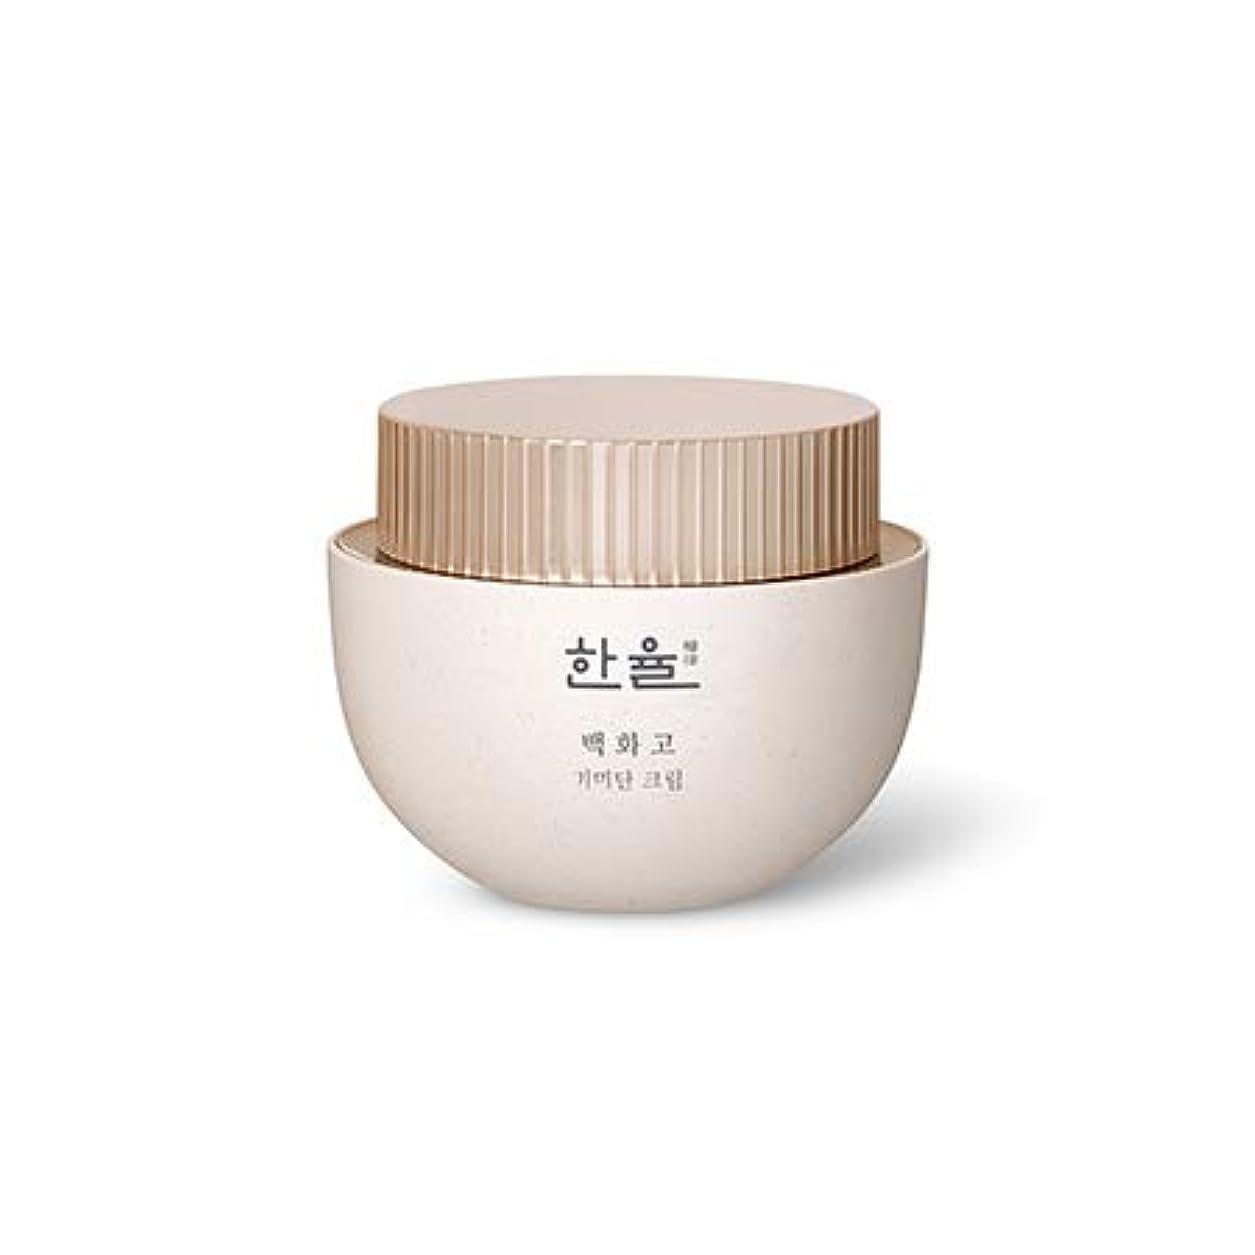 時間とともに解明する練習[ハンユル.HANYUL]ベクファゴシミ段クリームHanyul Baek Hwa Goh Anti-Aging Cream(シミ、くすみなどの老化の兆候をケア)